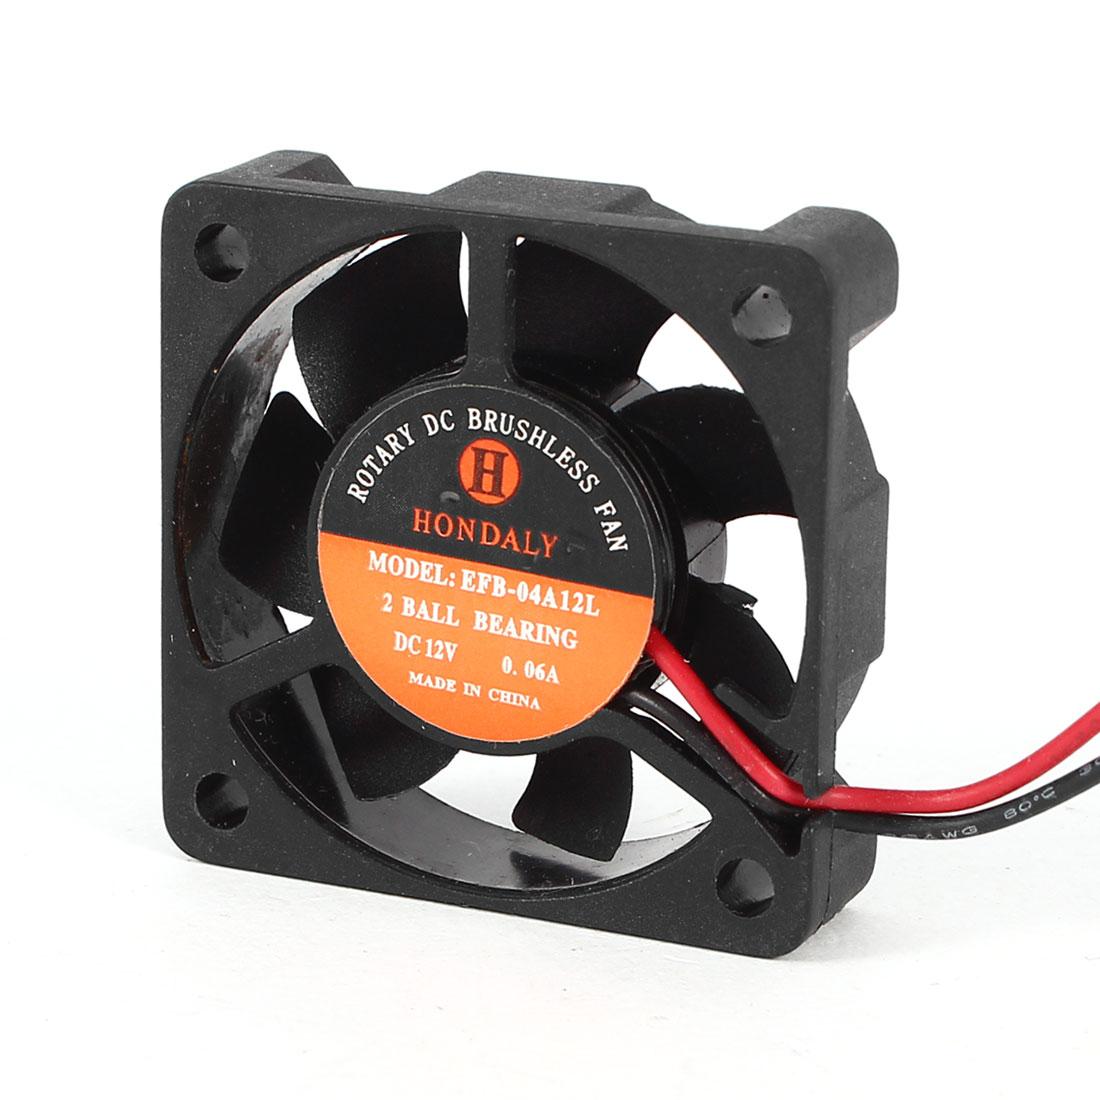 DC 12V 0.06A 40mmx40mmx10mm 2 Ball Bearing Computer Case Cooling Fan Cooler Black